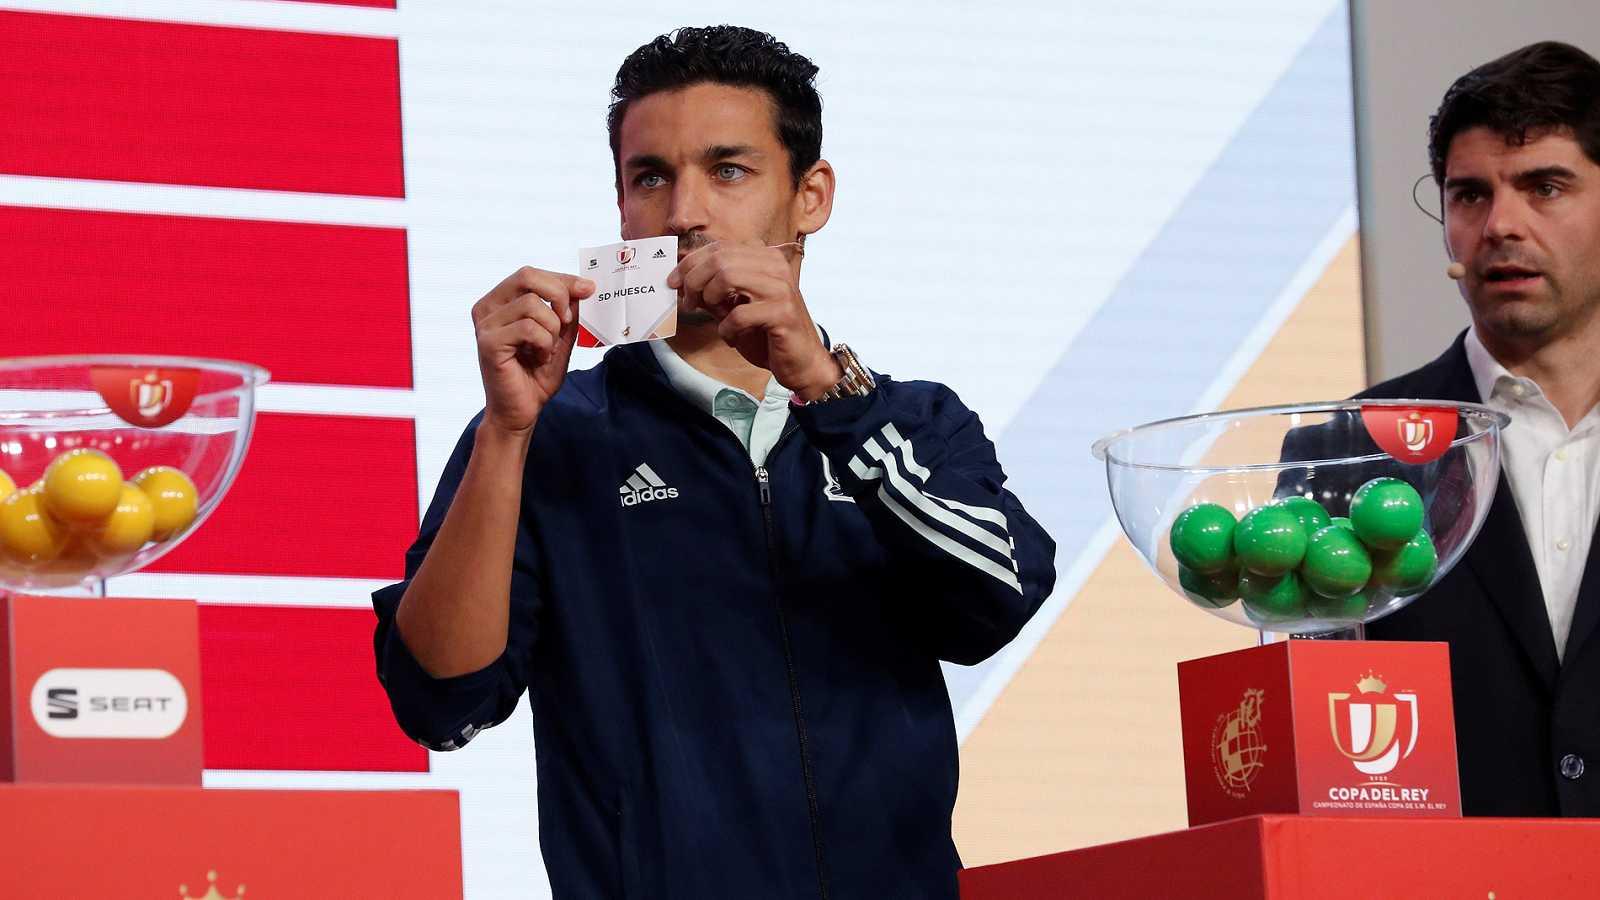 La 'Copa de los modestos' ya tiene su primera eliminatoria